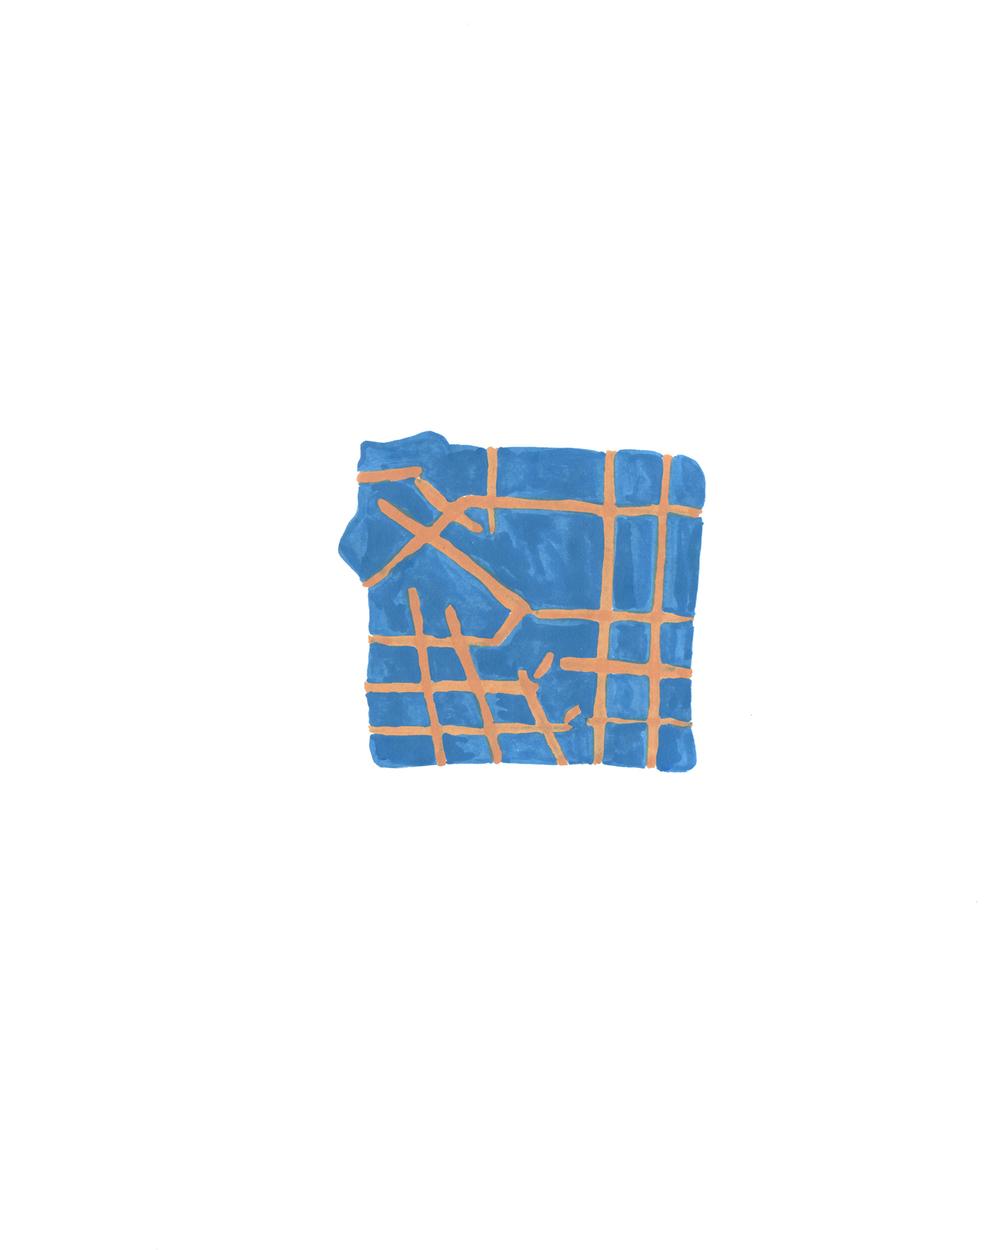 untitled. (folding 01)